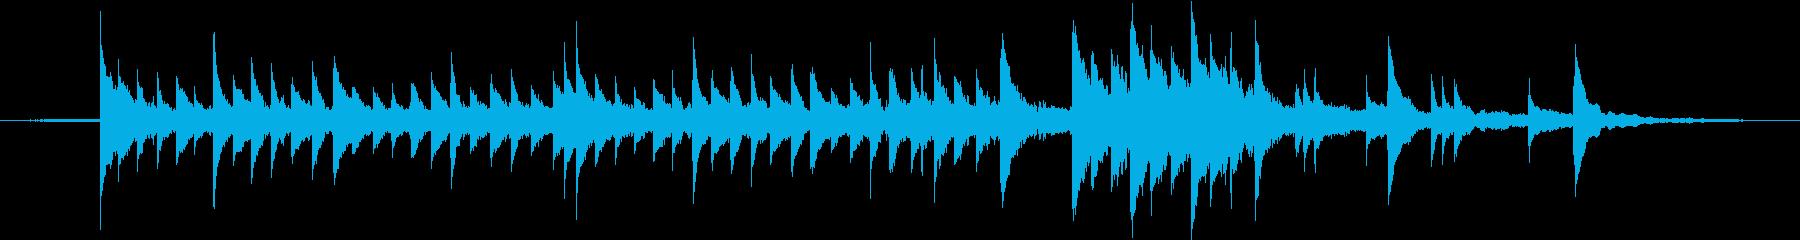 優しく静かな、森に響くようなピアノ曲の再生済みの波形